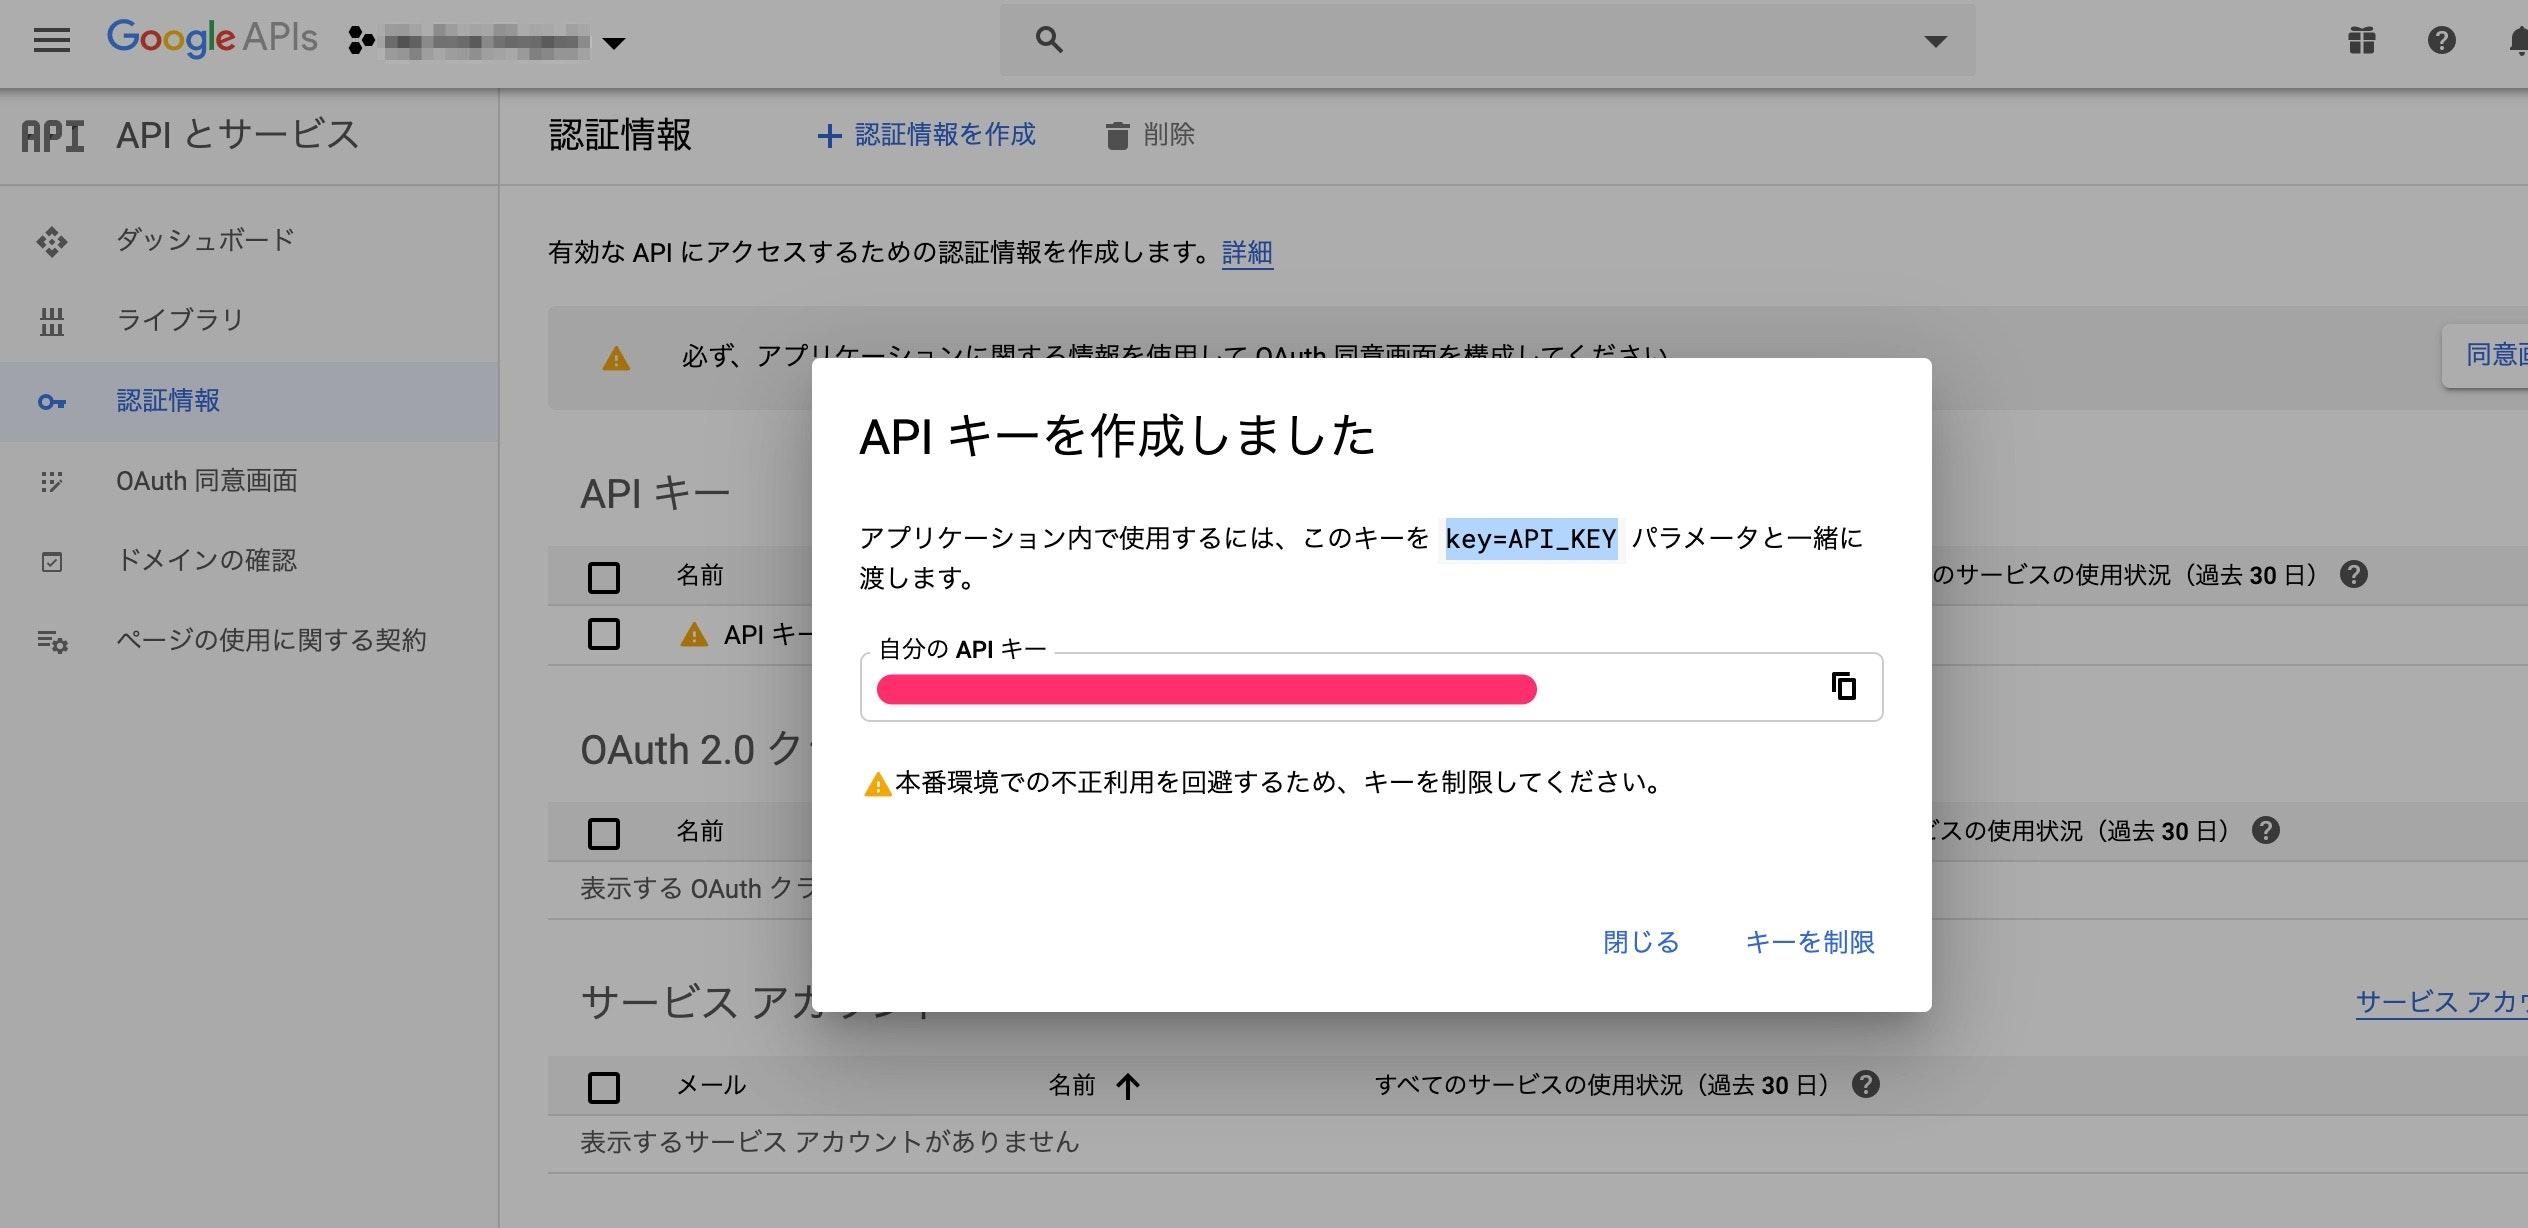 スクリーンショット_2020-02-10_2_50_08.jpg